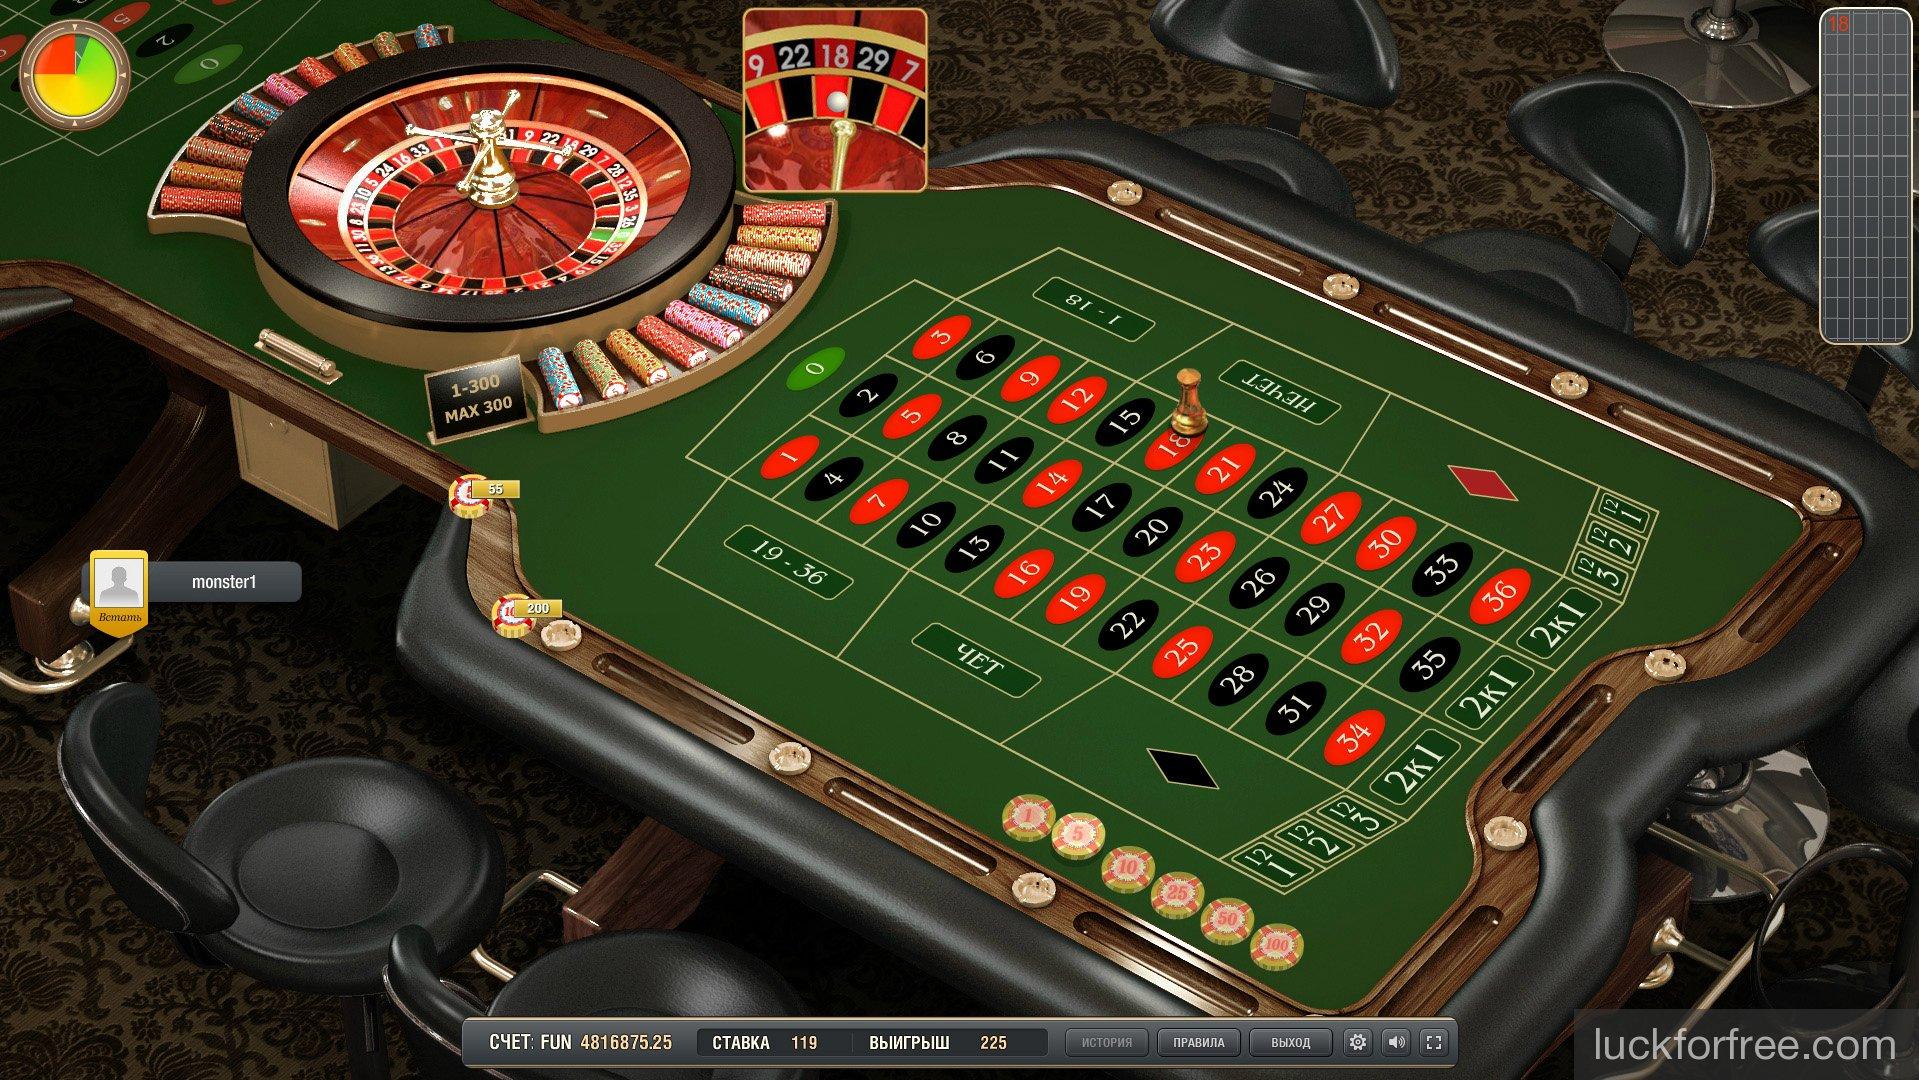 Казино игровые аппараты в свободном дост чат рулетка онлайн бесплатно мужчины без регистрации